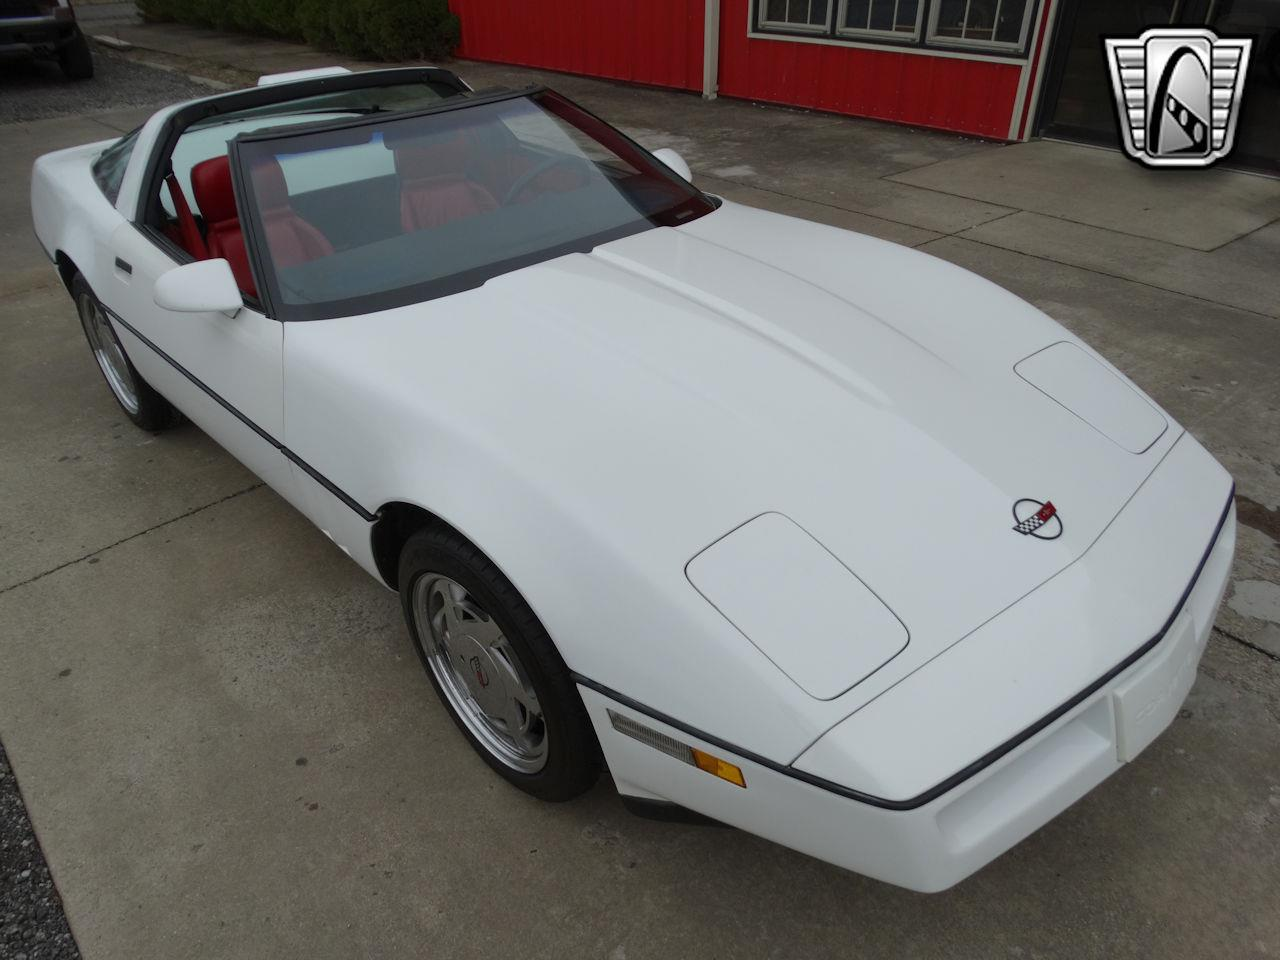 1989 Chevrolet Corvette (CC-1341845) for sale in O'Fallon, Illinois